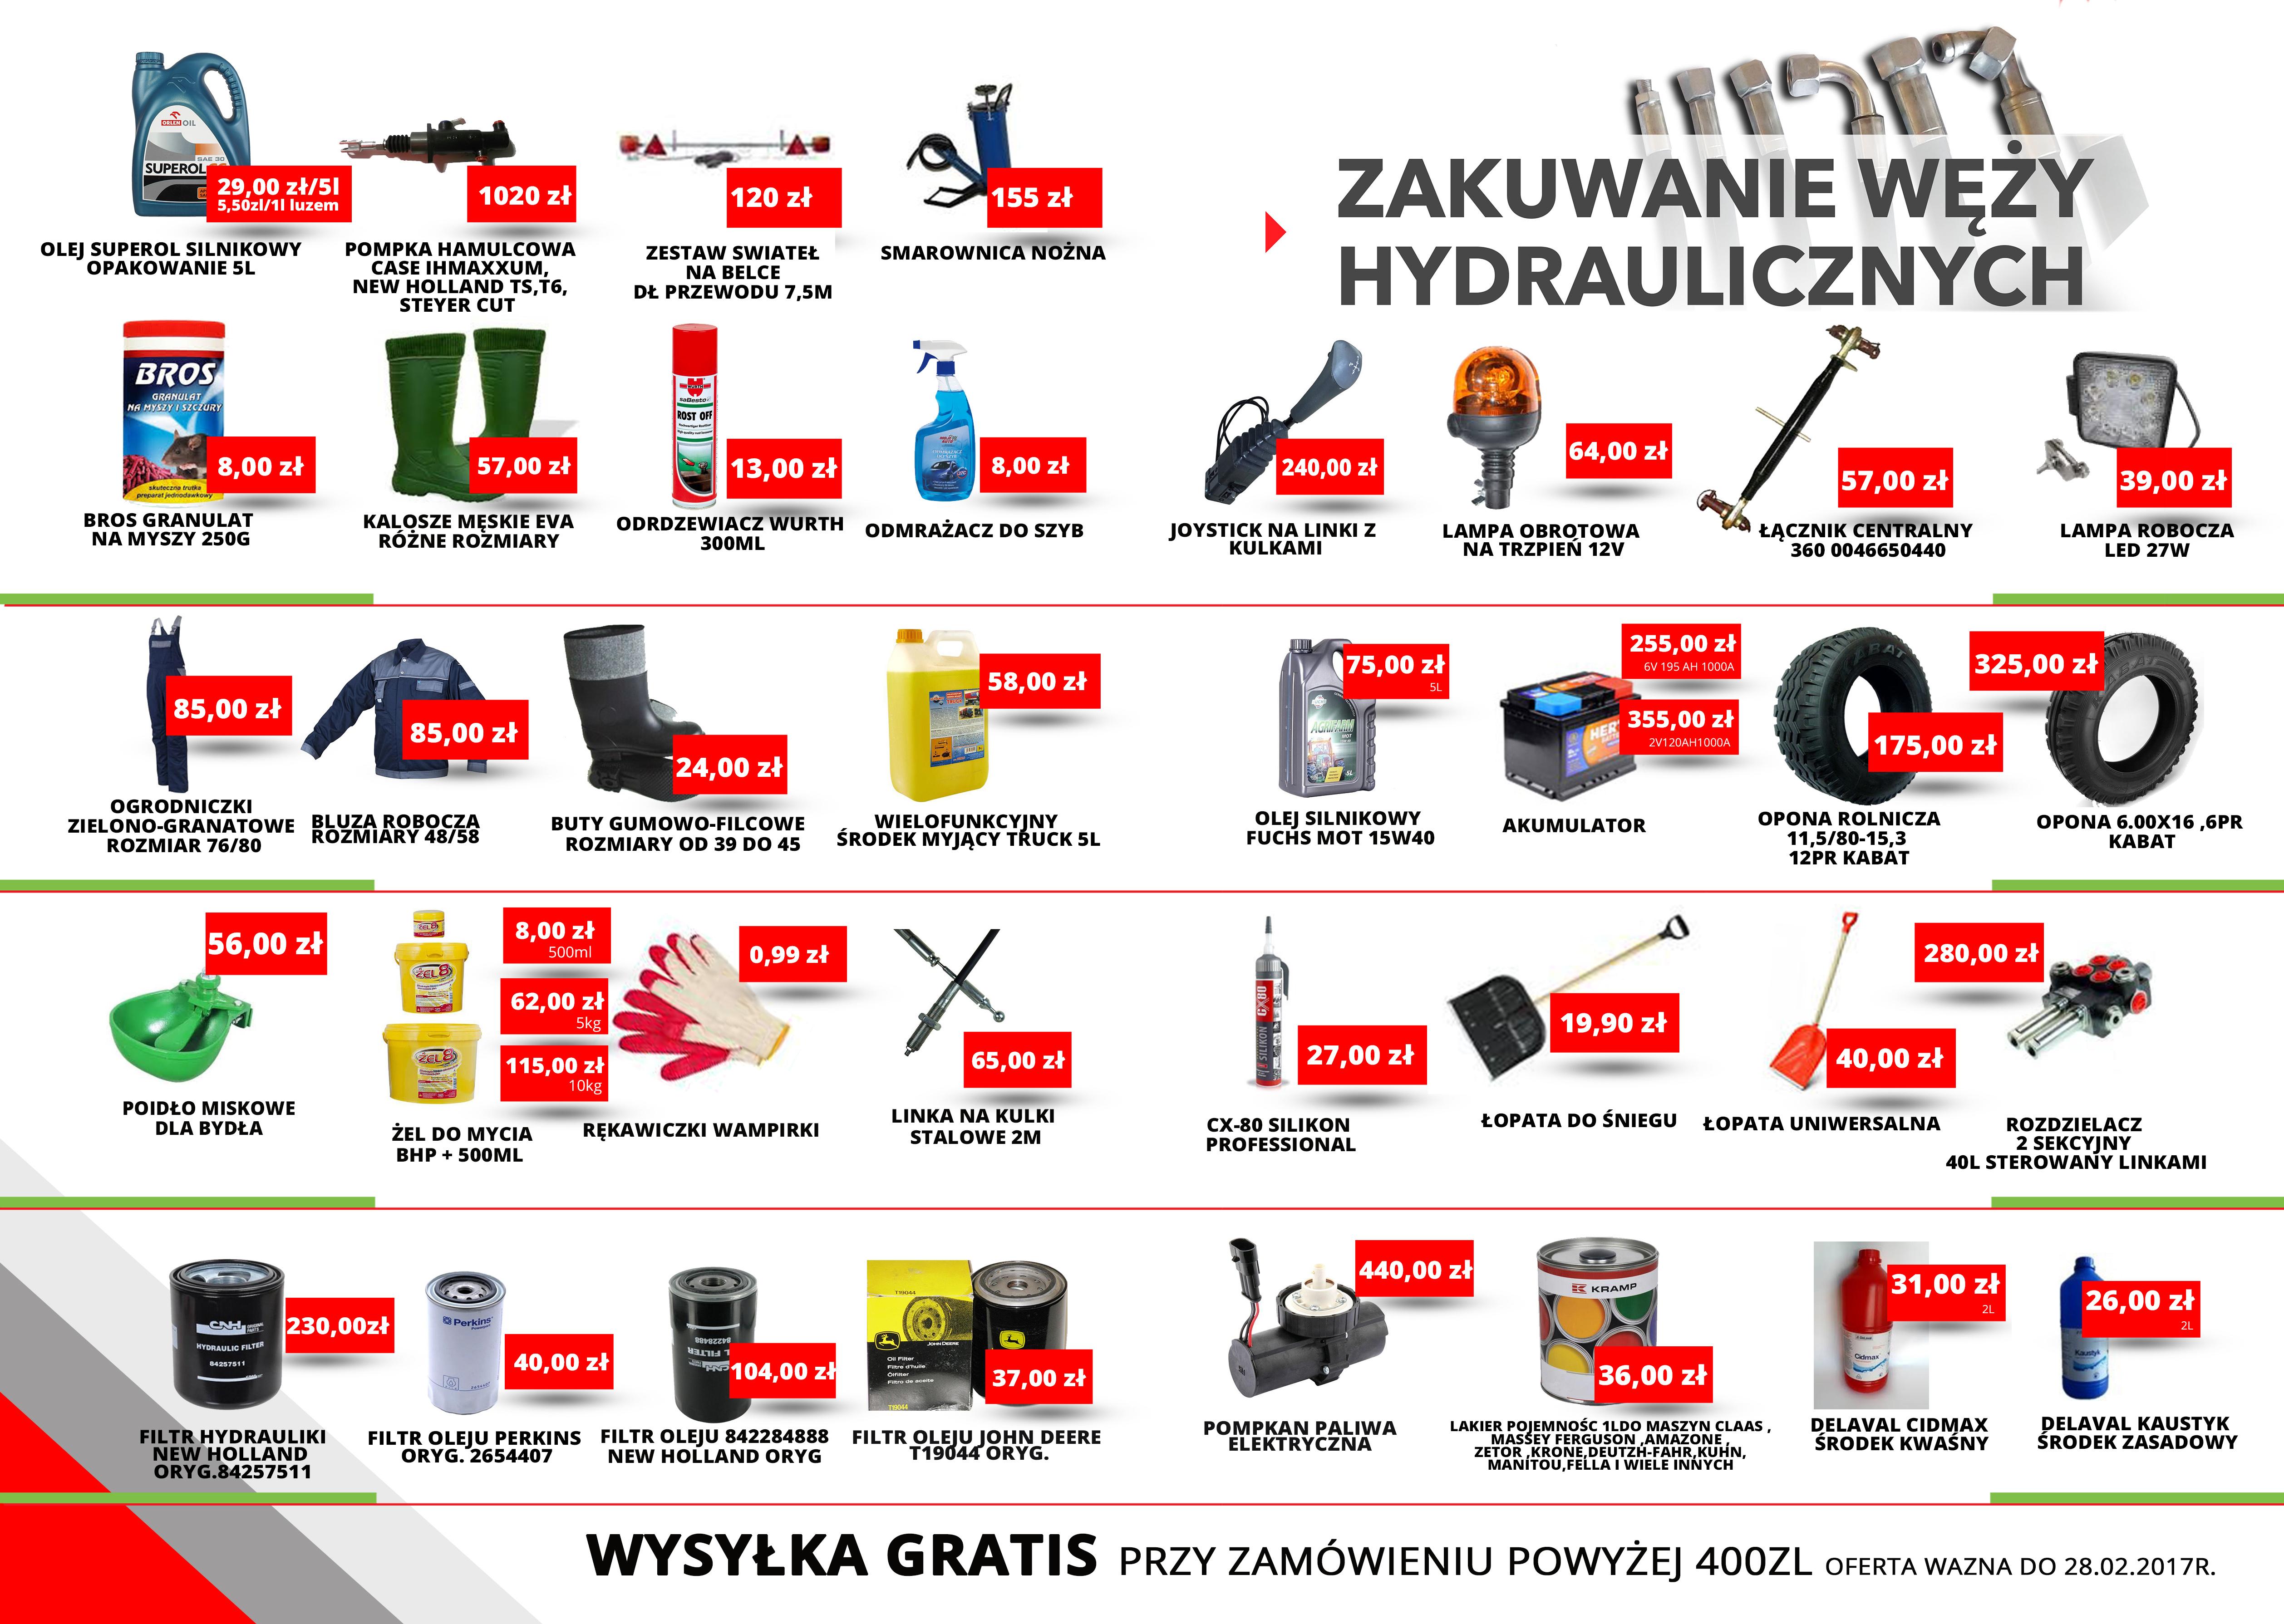 listopad wozniakow 2